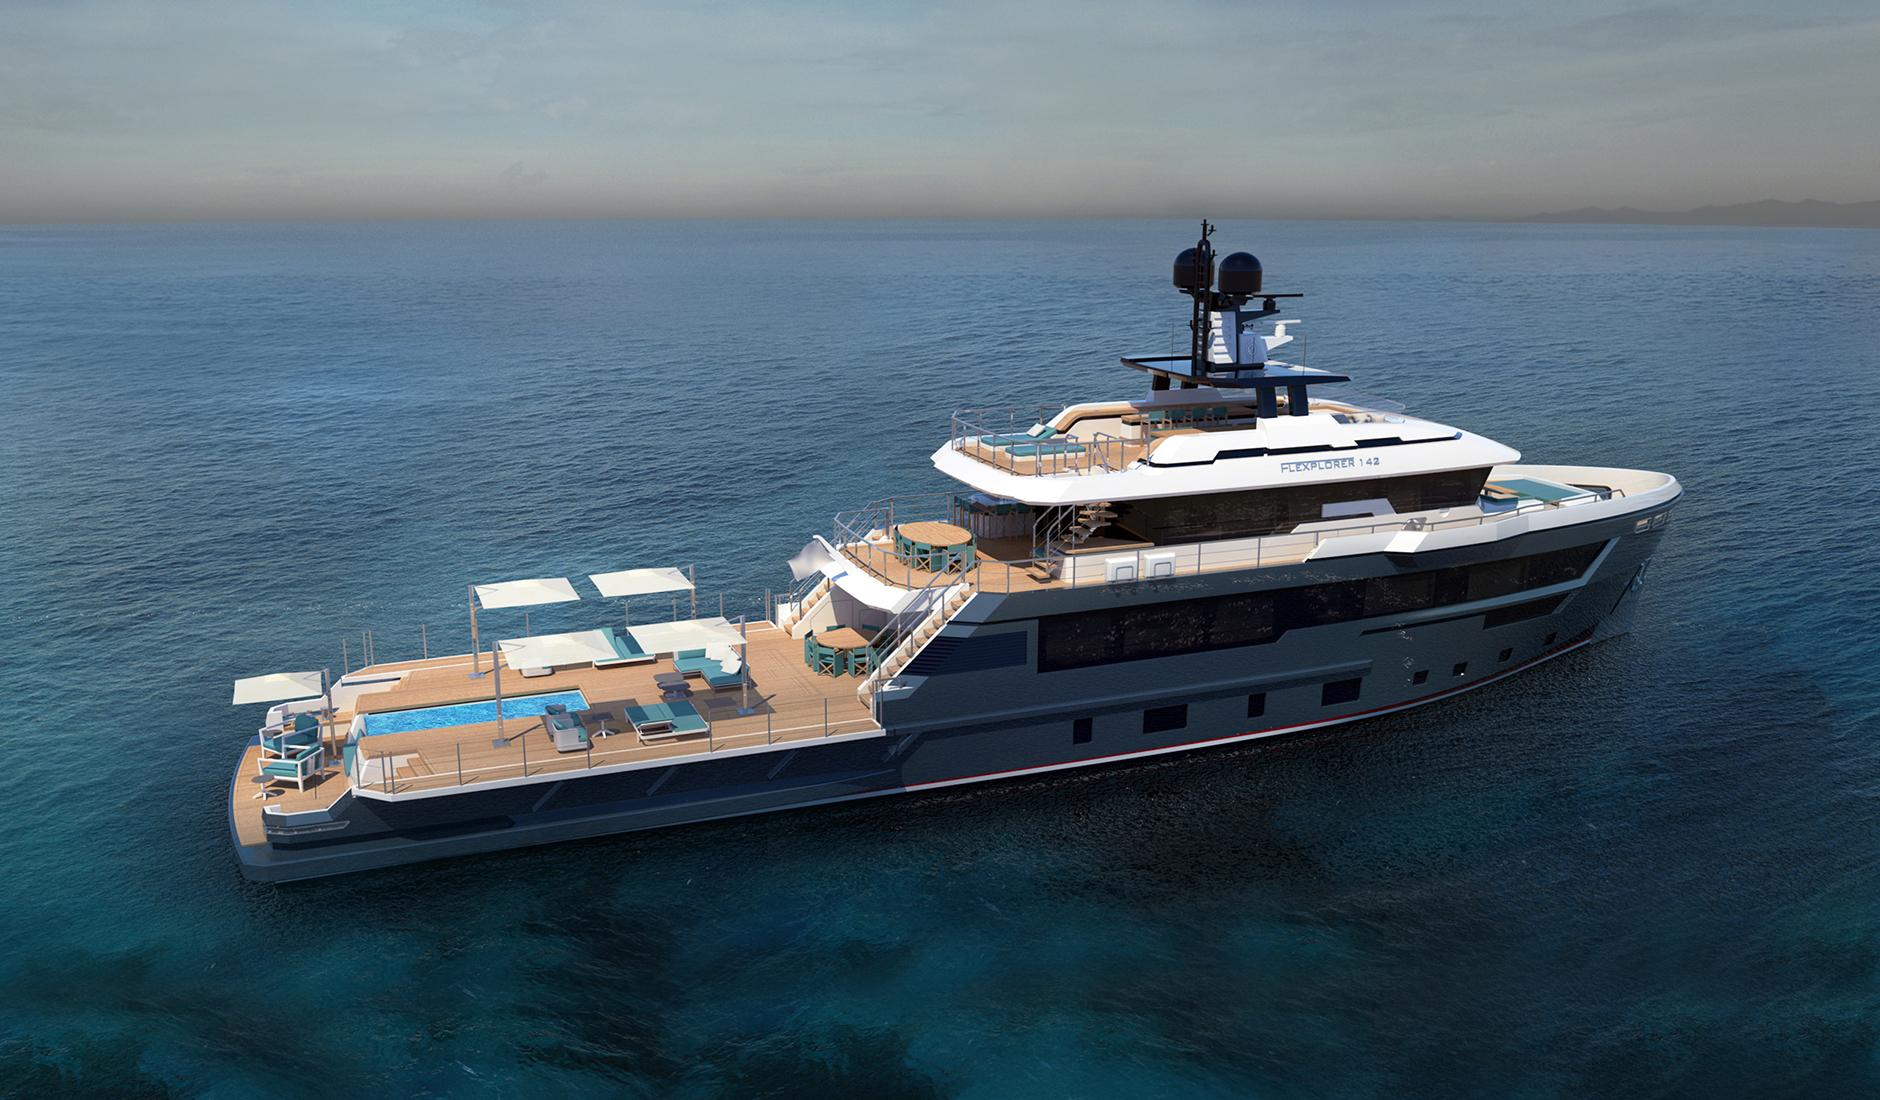 Купить яхту Cantiere delle Marche Flexplorer 142